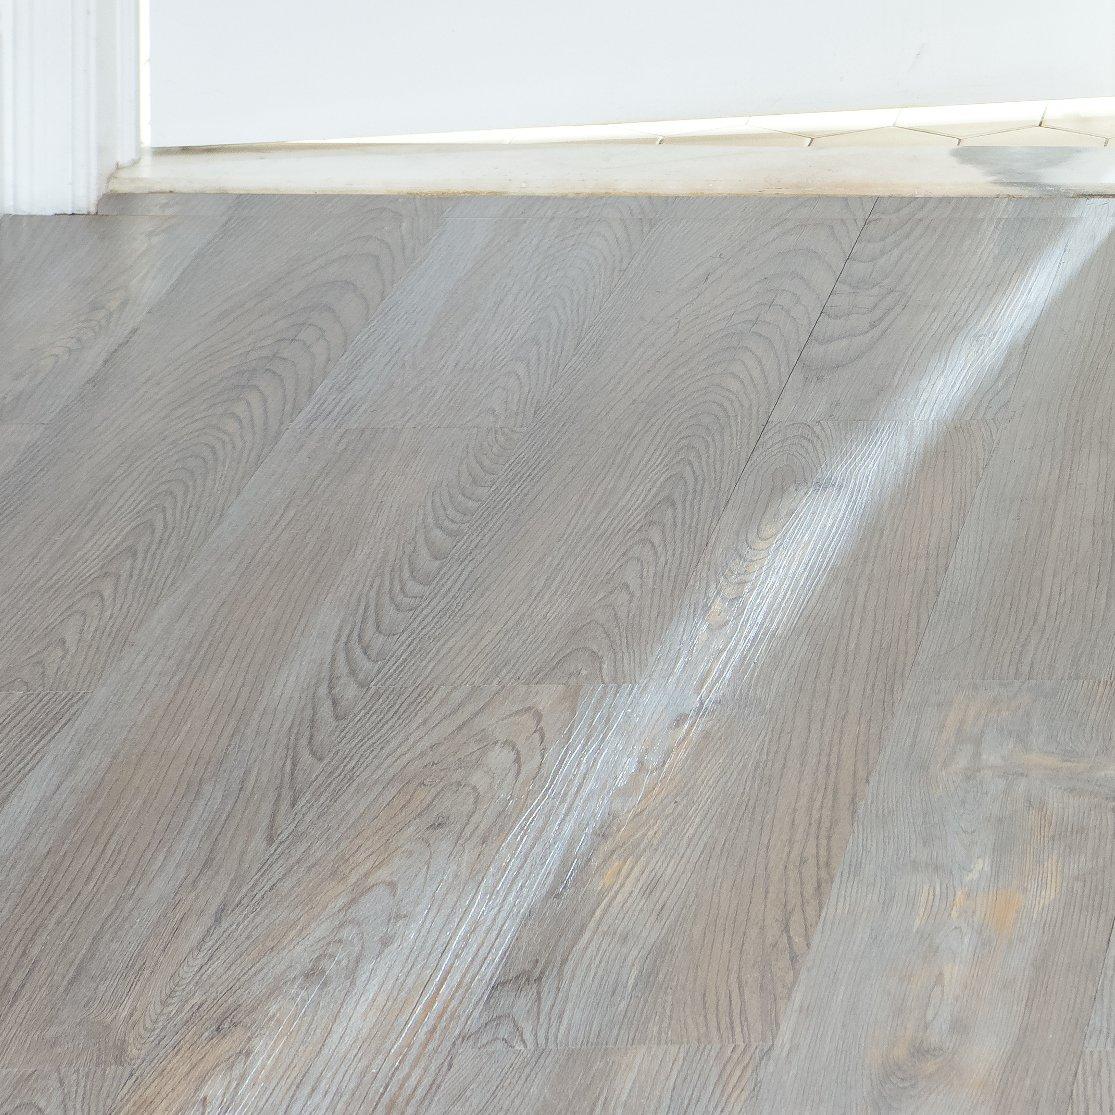 self adhesive vinyl planks hardwood